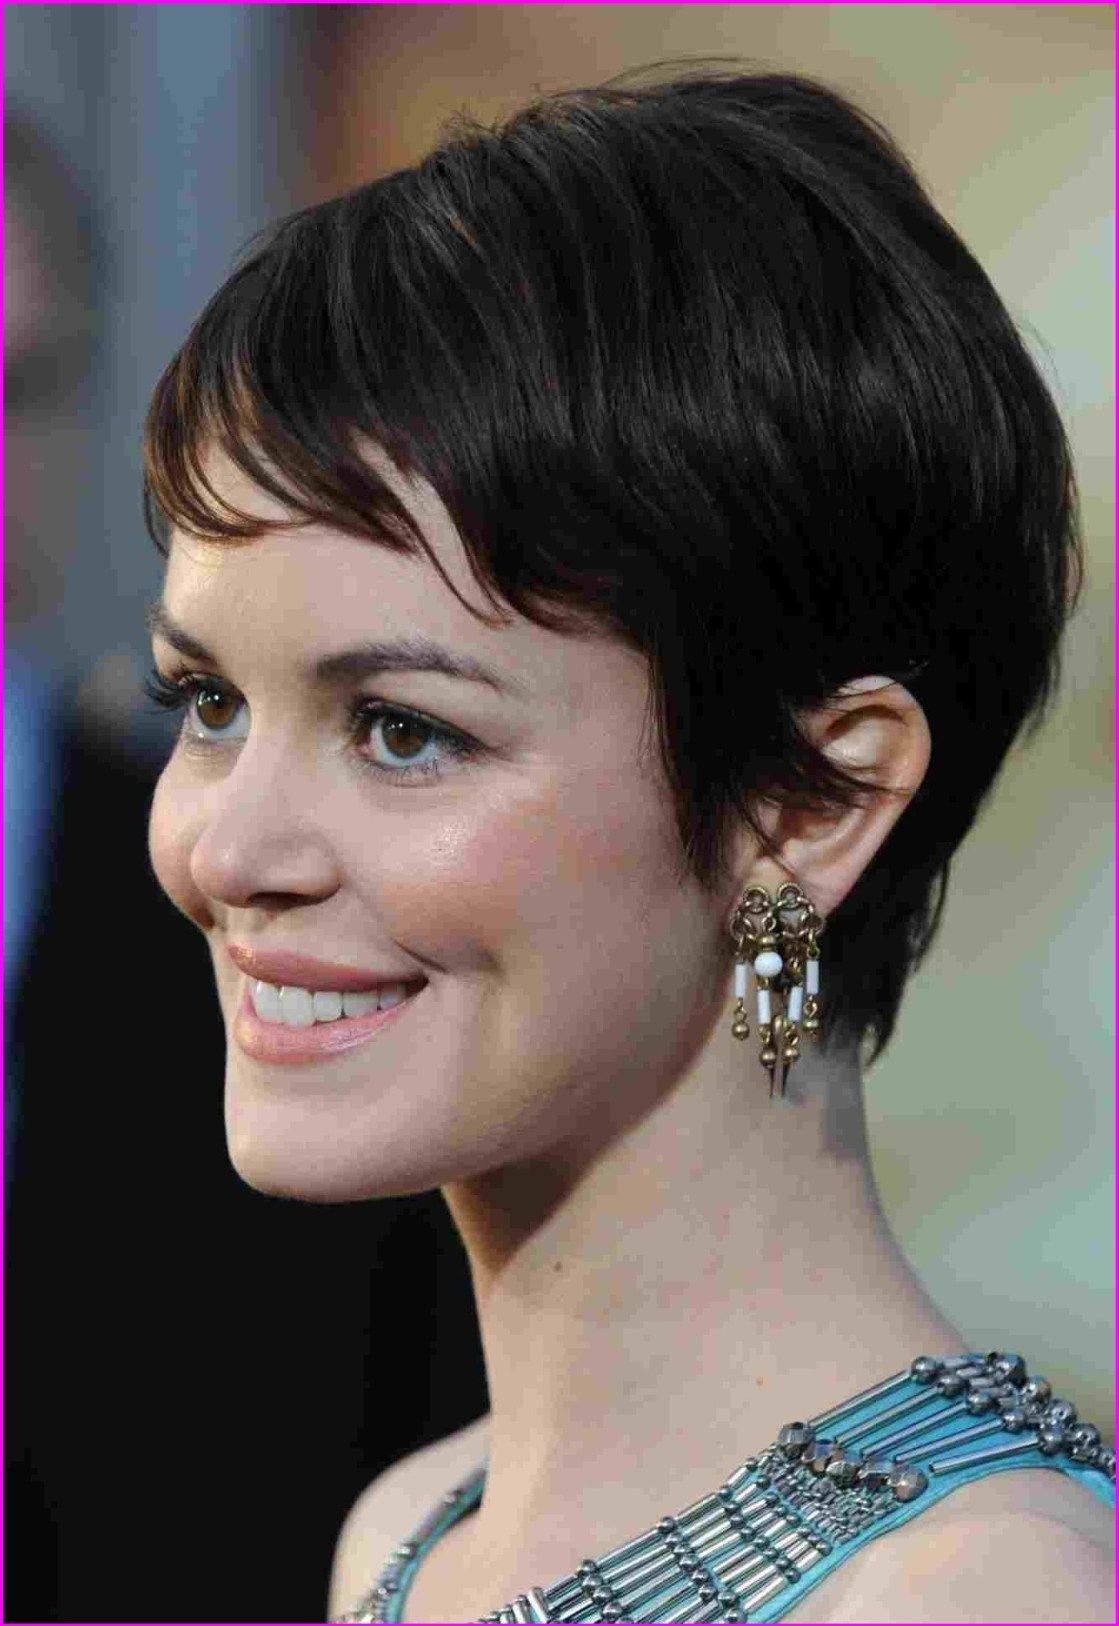 Edgy short hairstyles for women over 50 feminine short